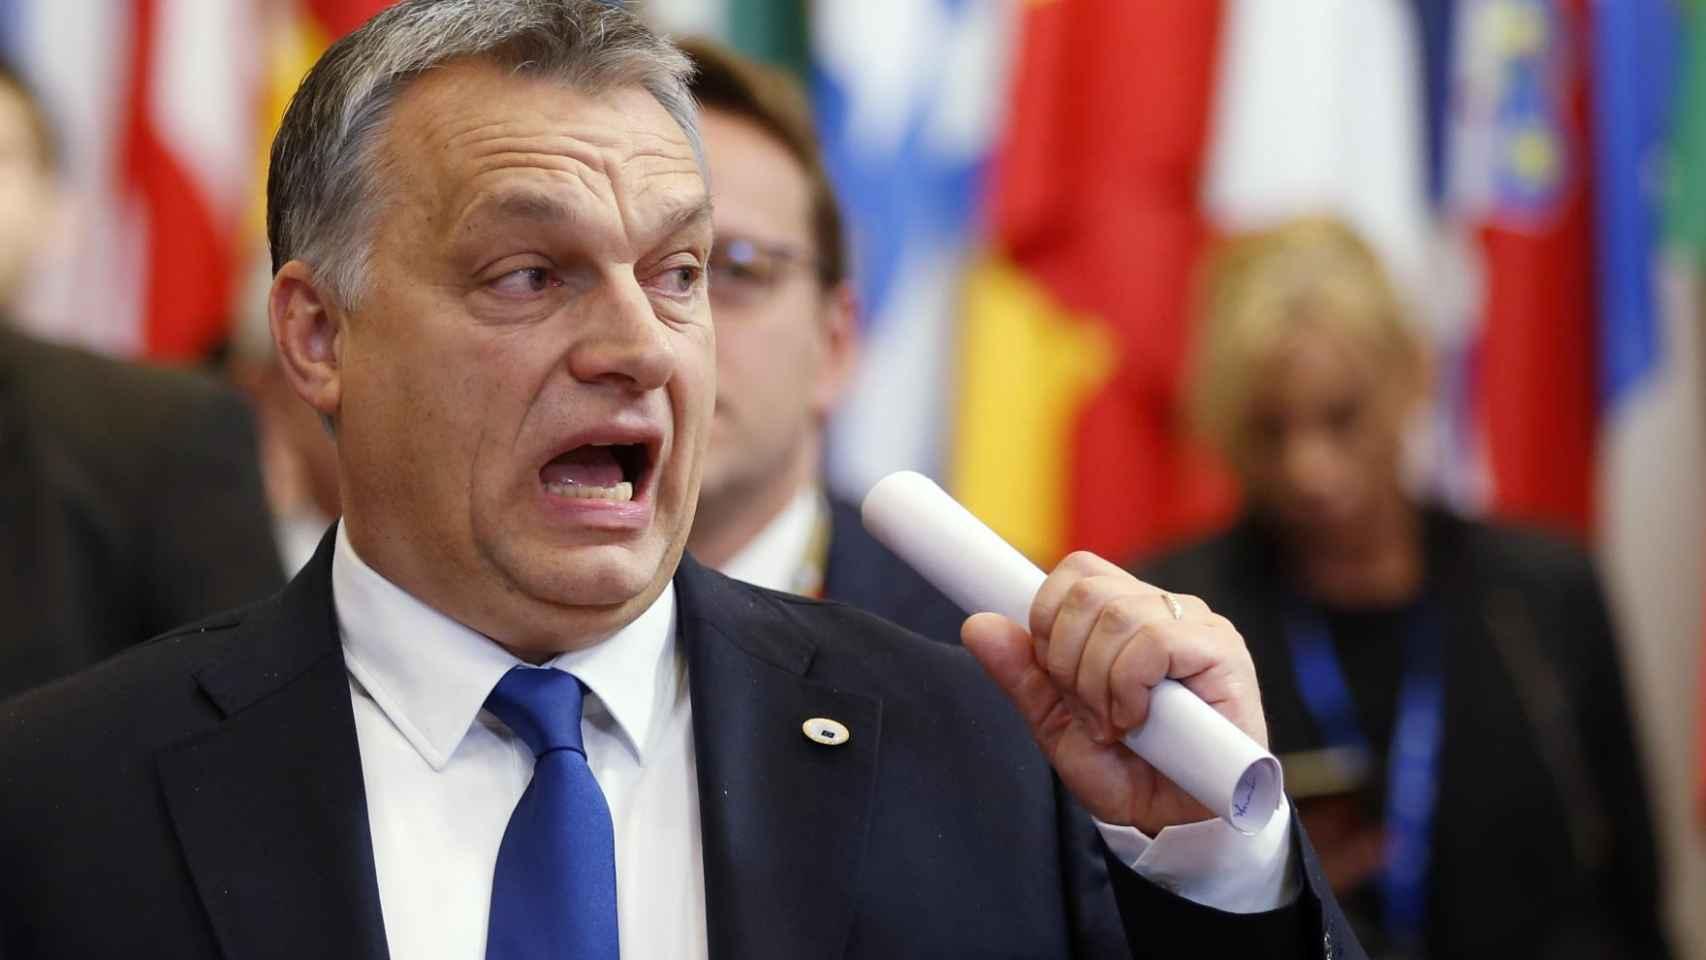 Viktor Orban durante su llegada a una cumbre de la UE, donde levanta ampollas.